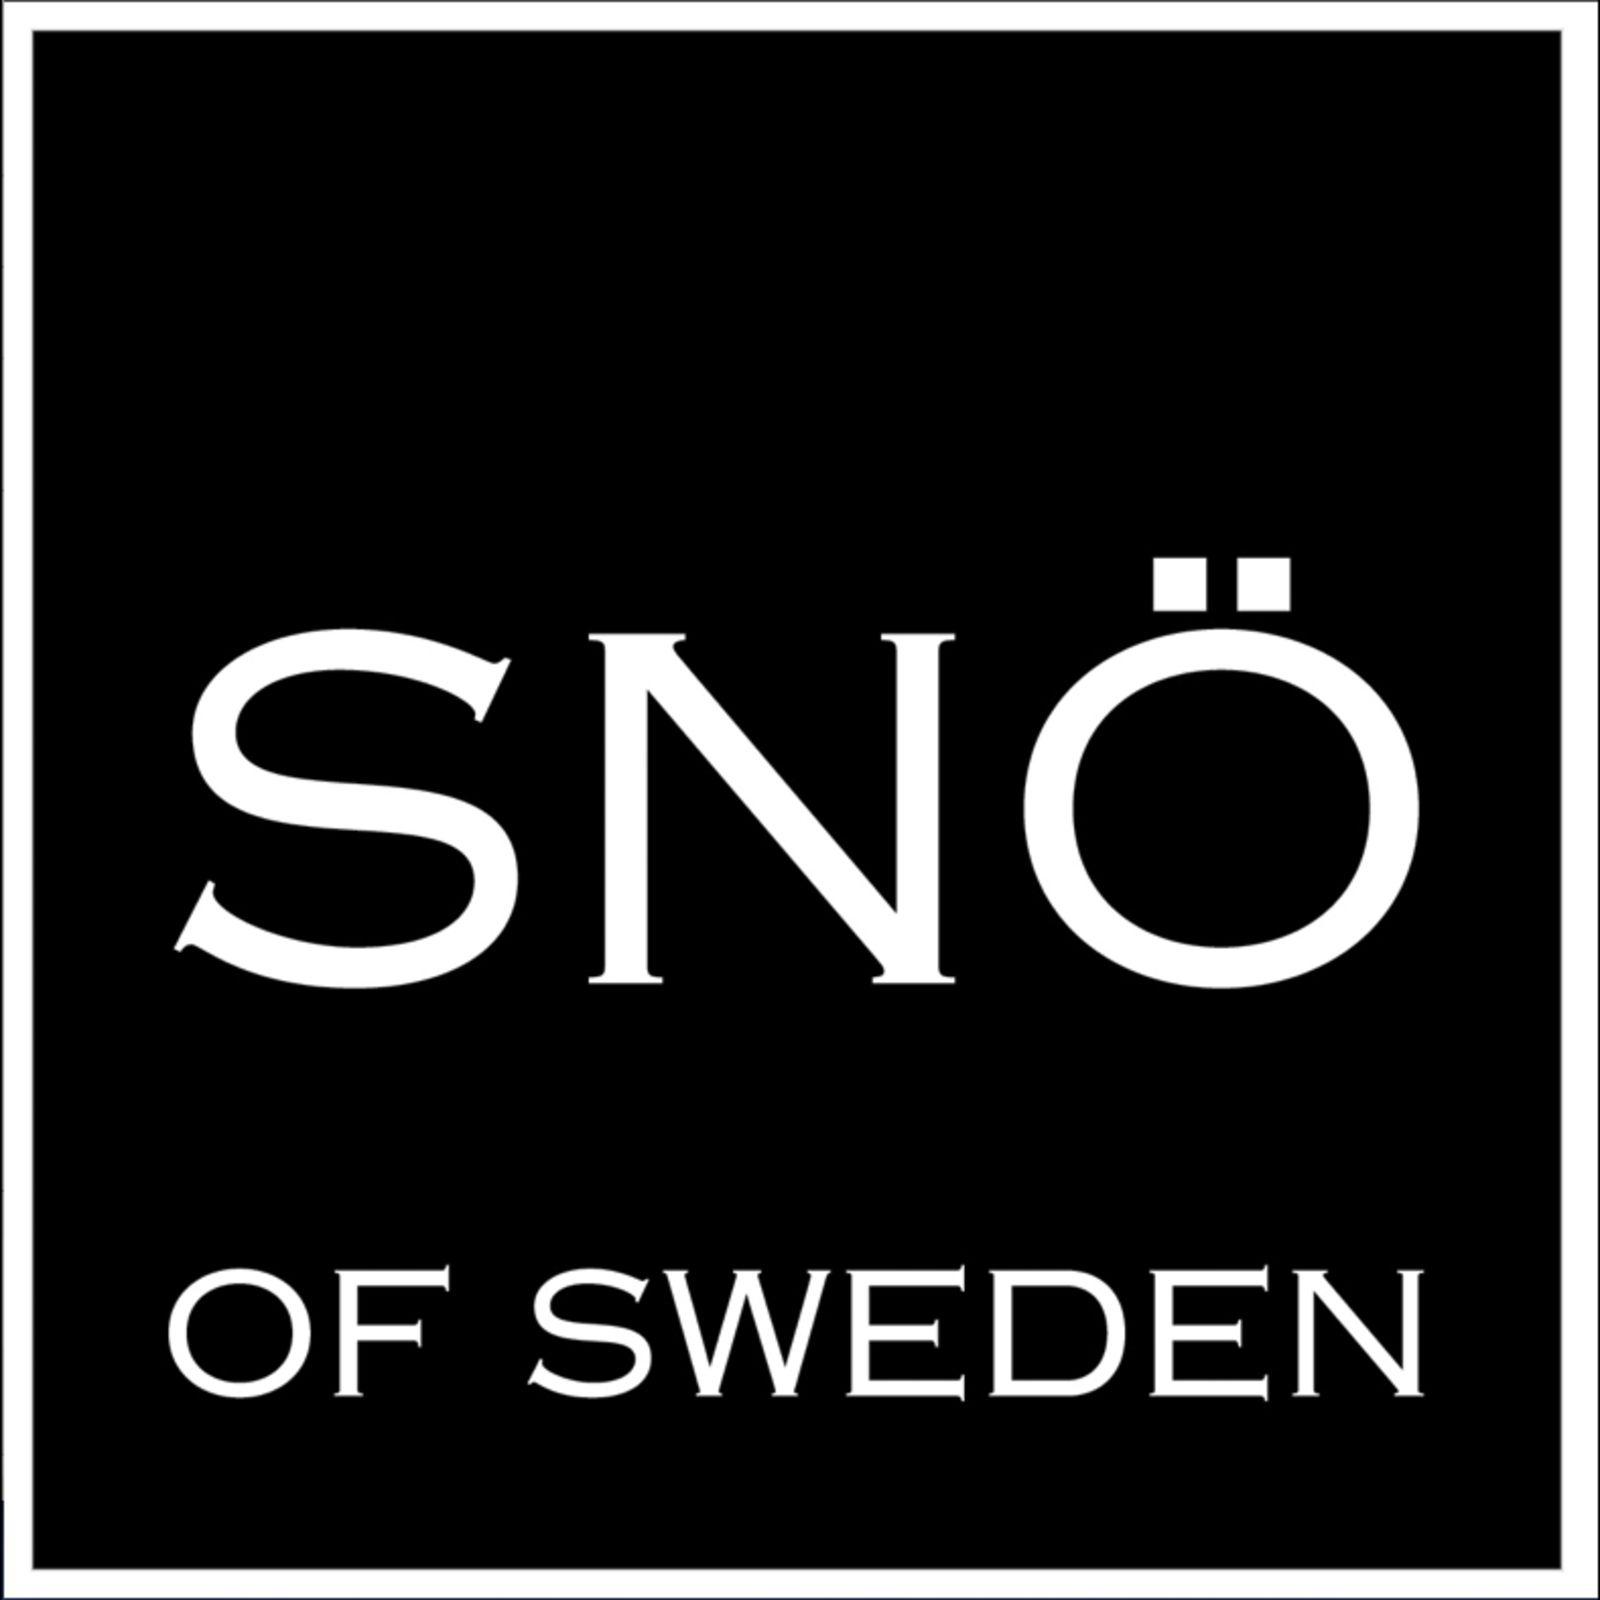 SNÖ OF SWEDEN (Image 1)